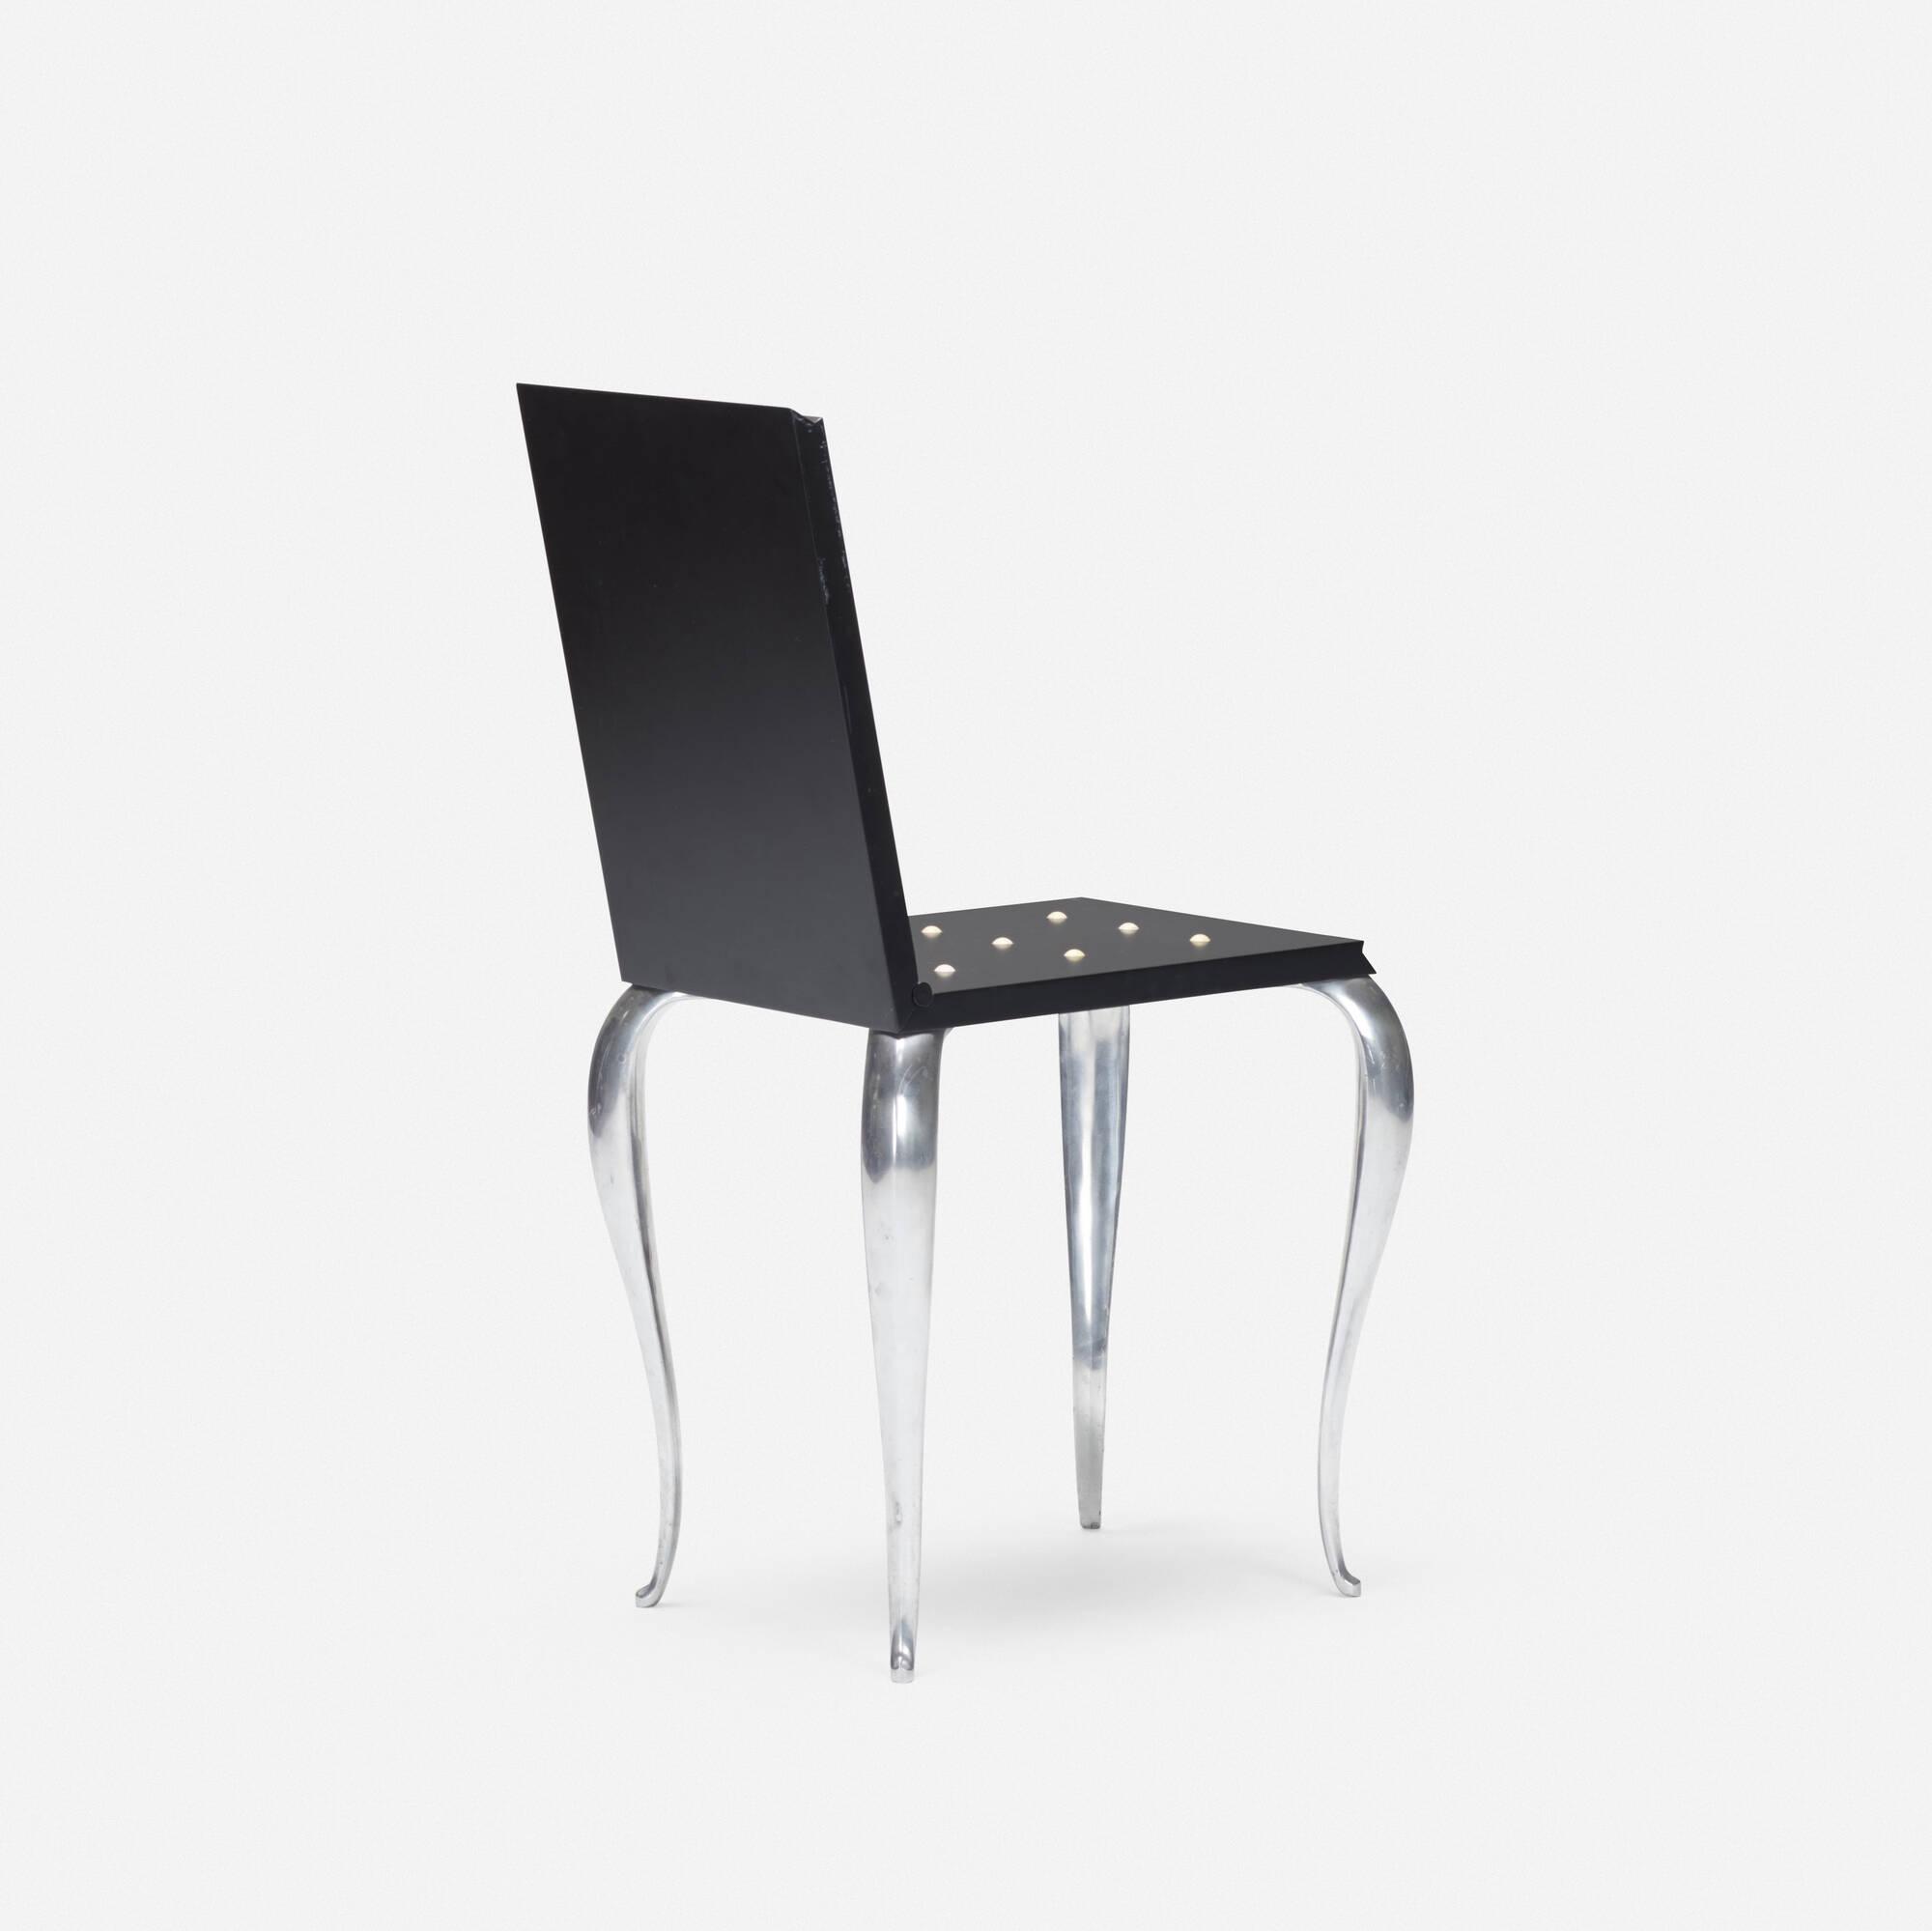 174: Philippe Starck / Lola Mundo chair (2 of 3)